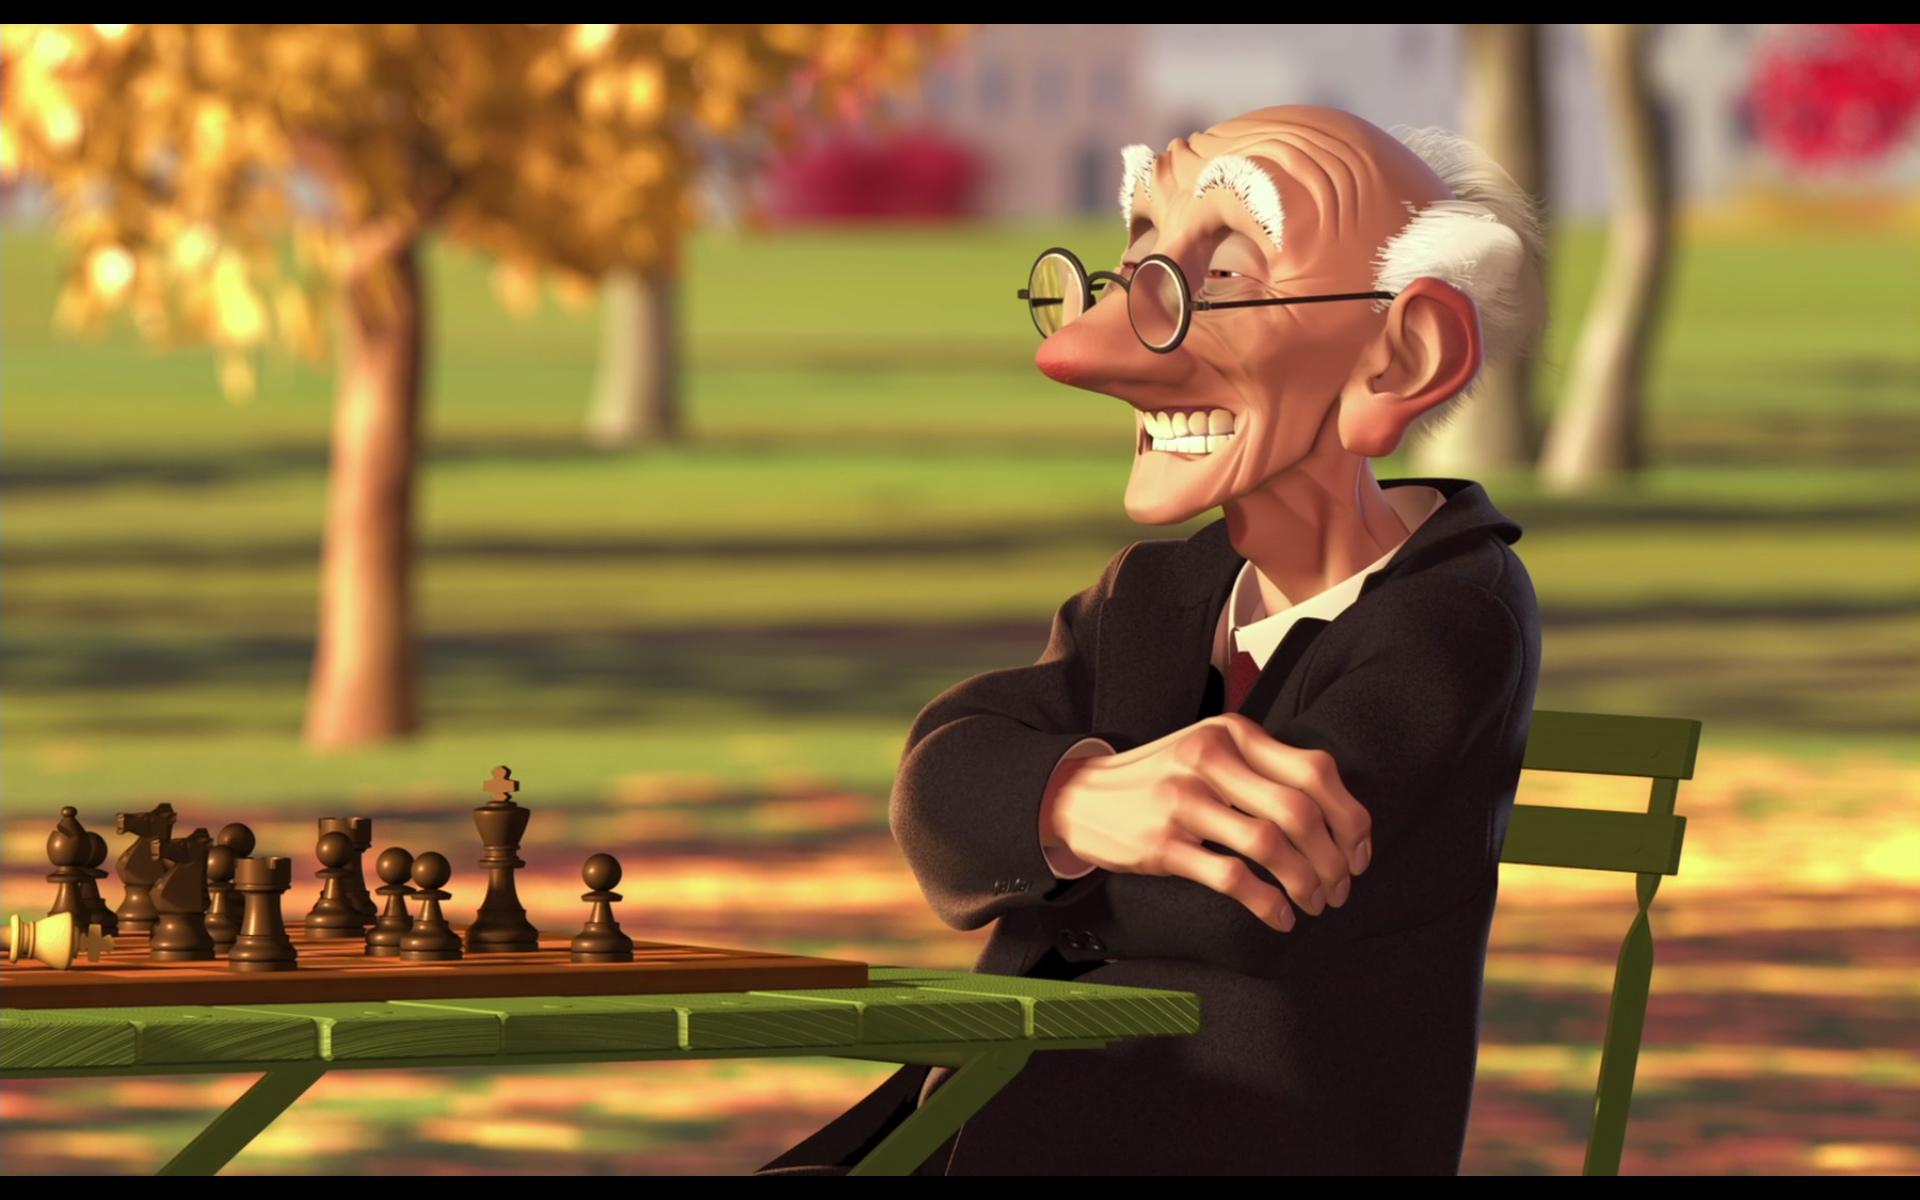 Quiet day of Chess chess 33616419 1920 1200 Chơi cờ Vua mang lại lợi ích gì?